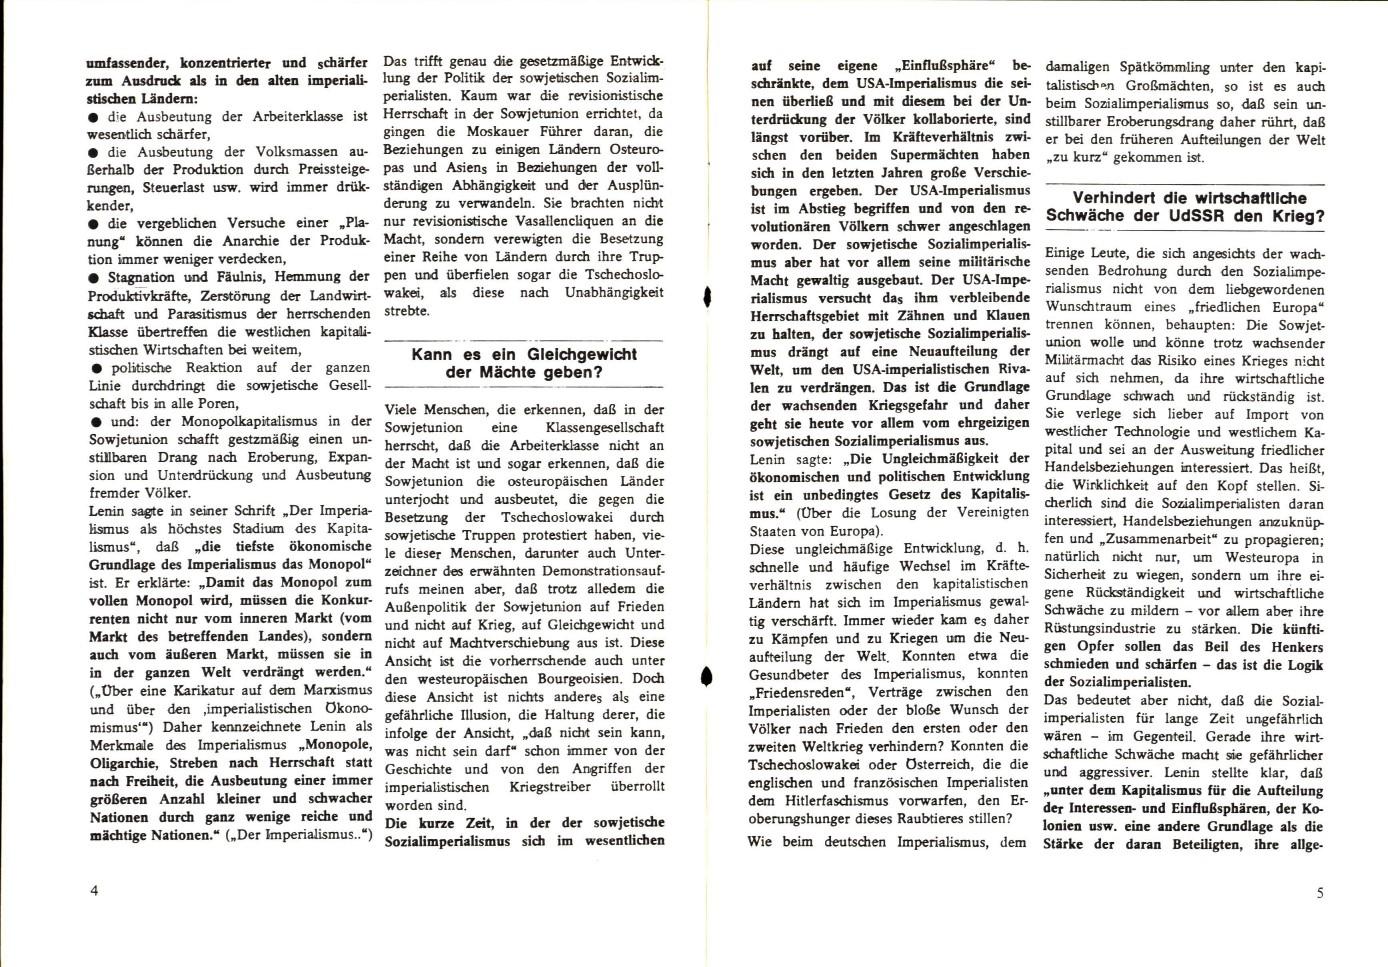 KPDAO_1976_Artikel_DKP_Breschnew_04